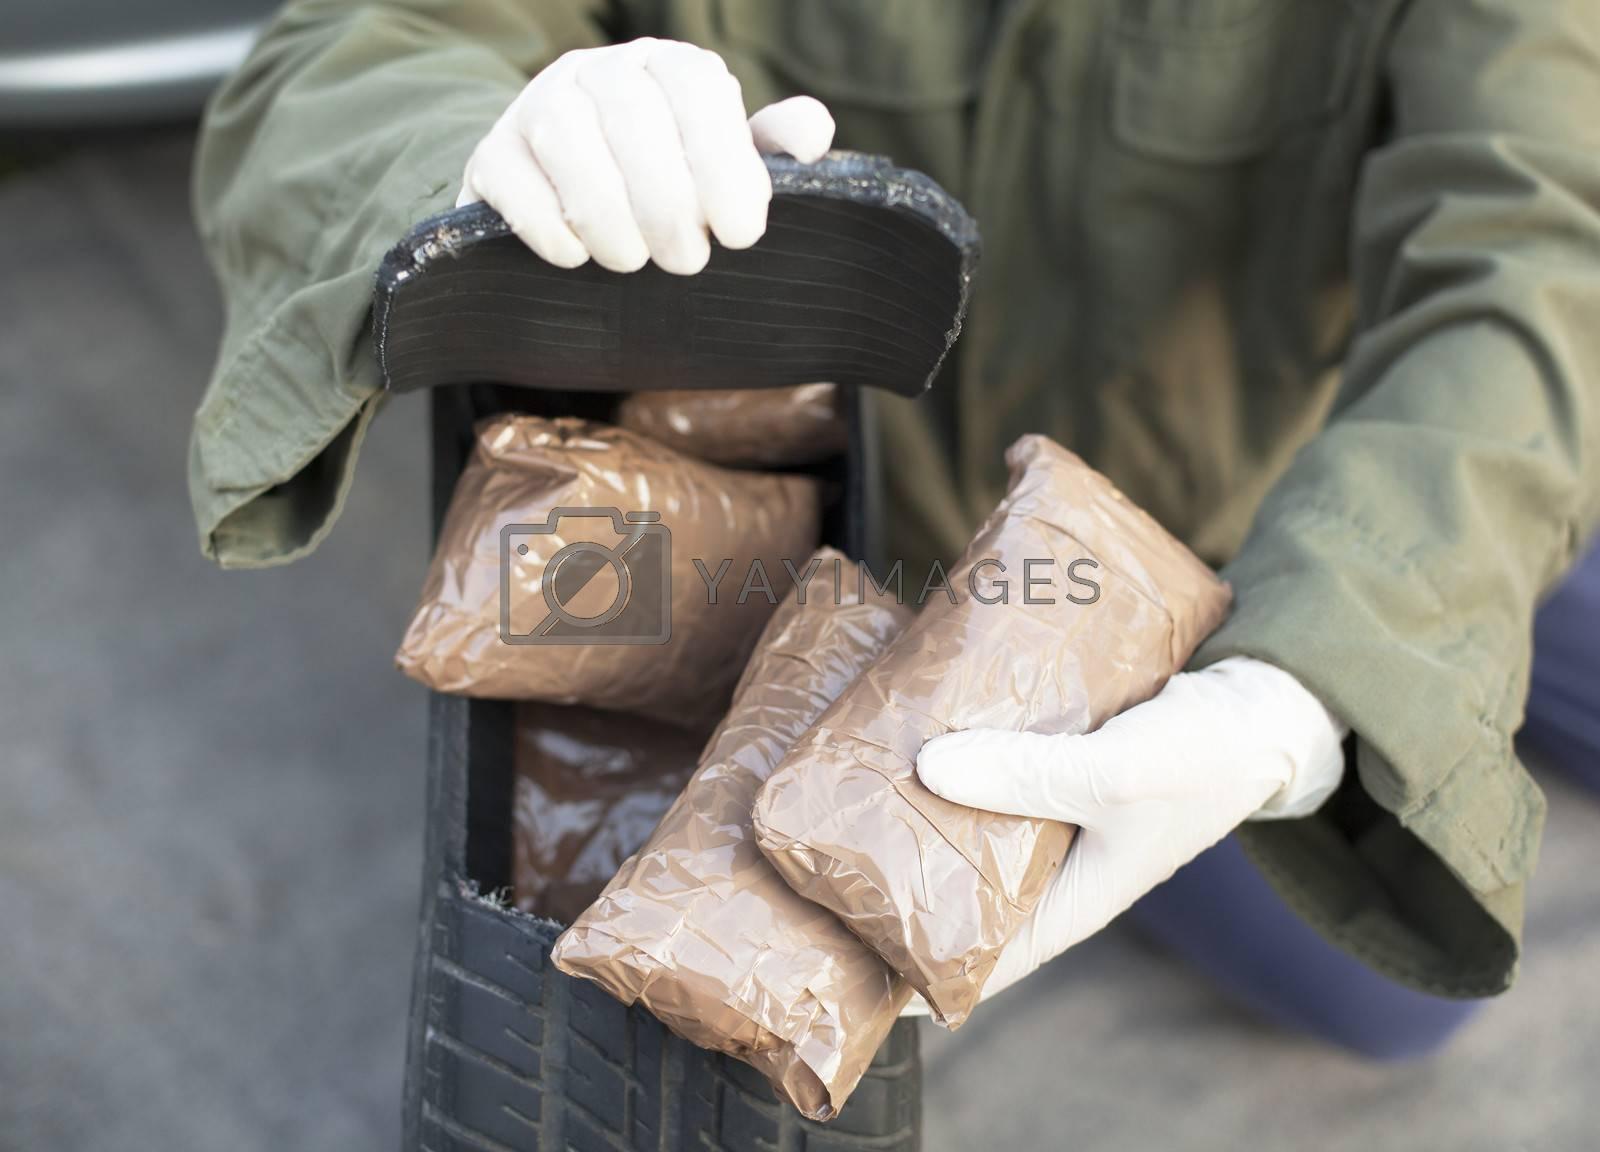 Drug bundles found in spare tire